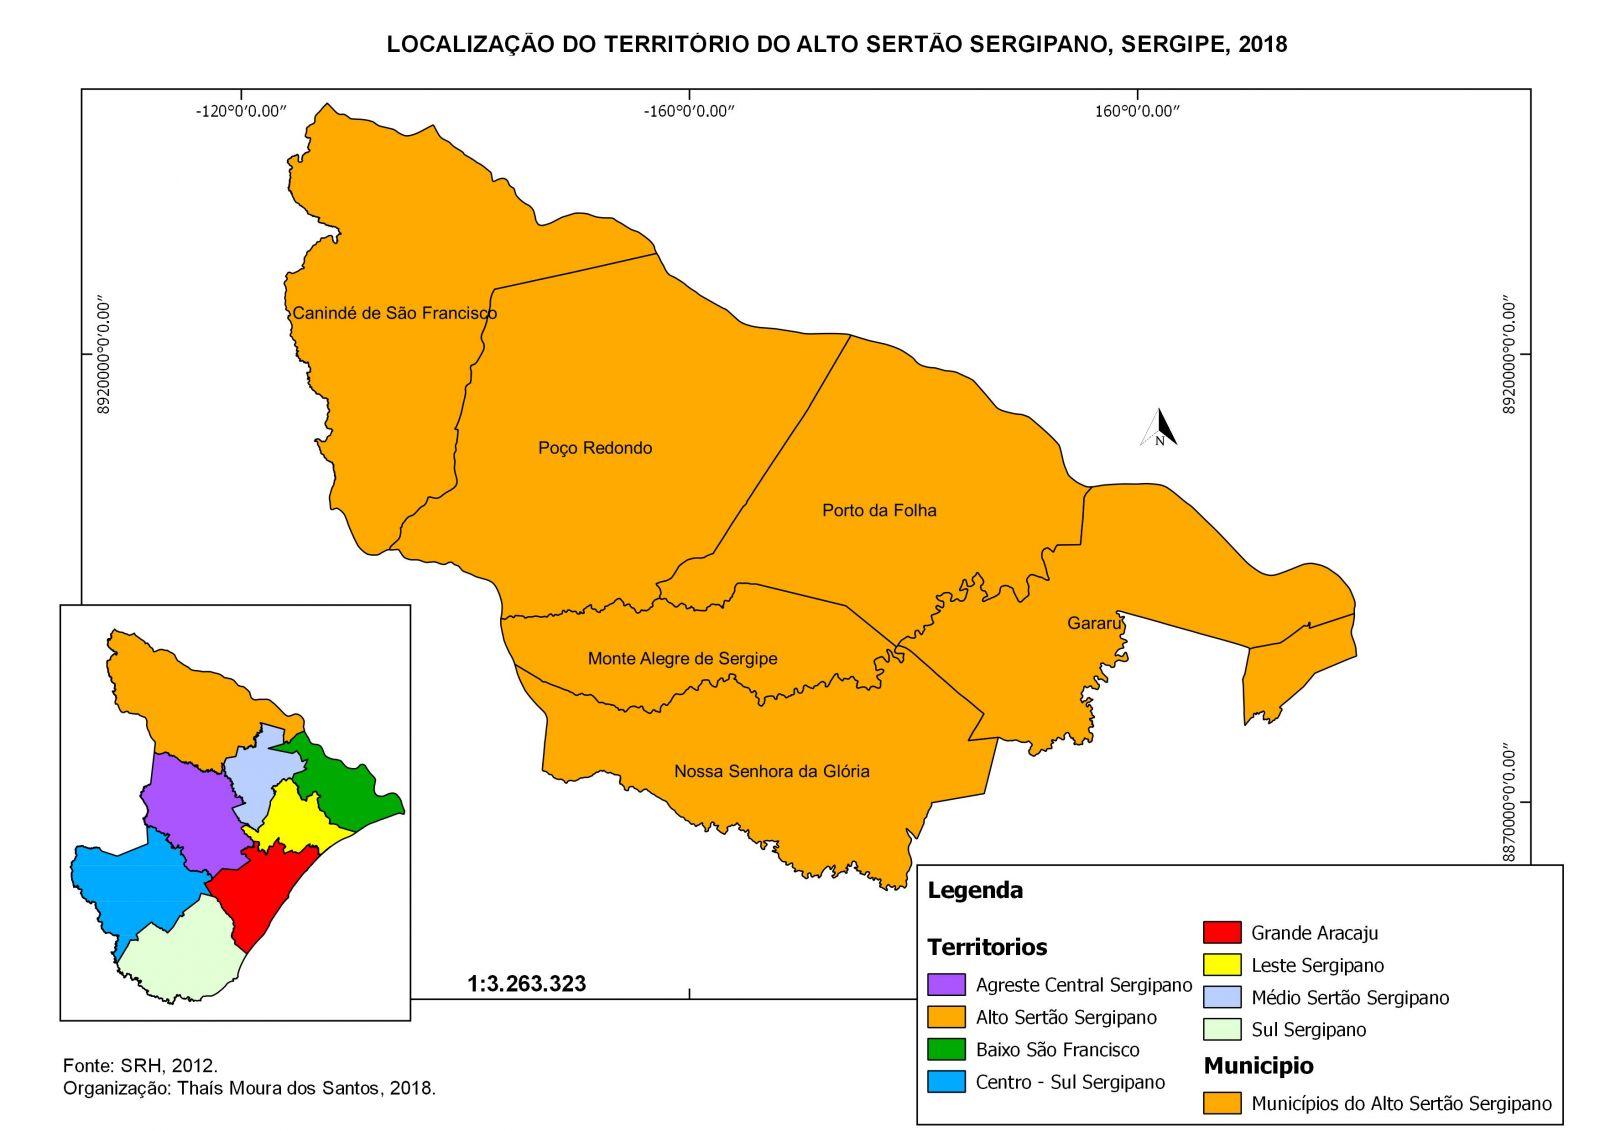 Mapa do alto sertão sergipano. Foto: Passei Direto